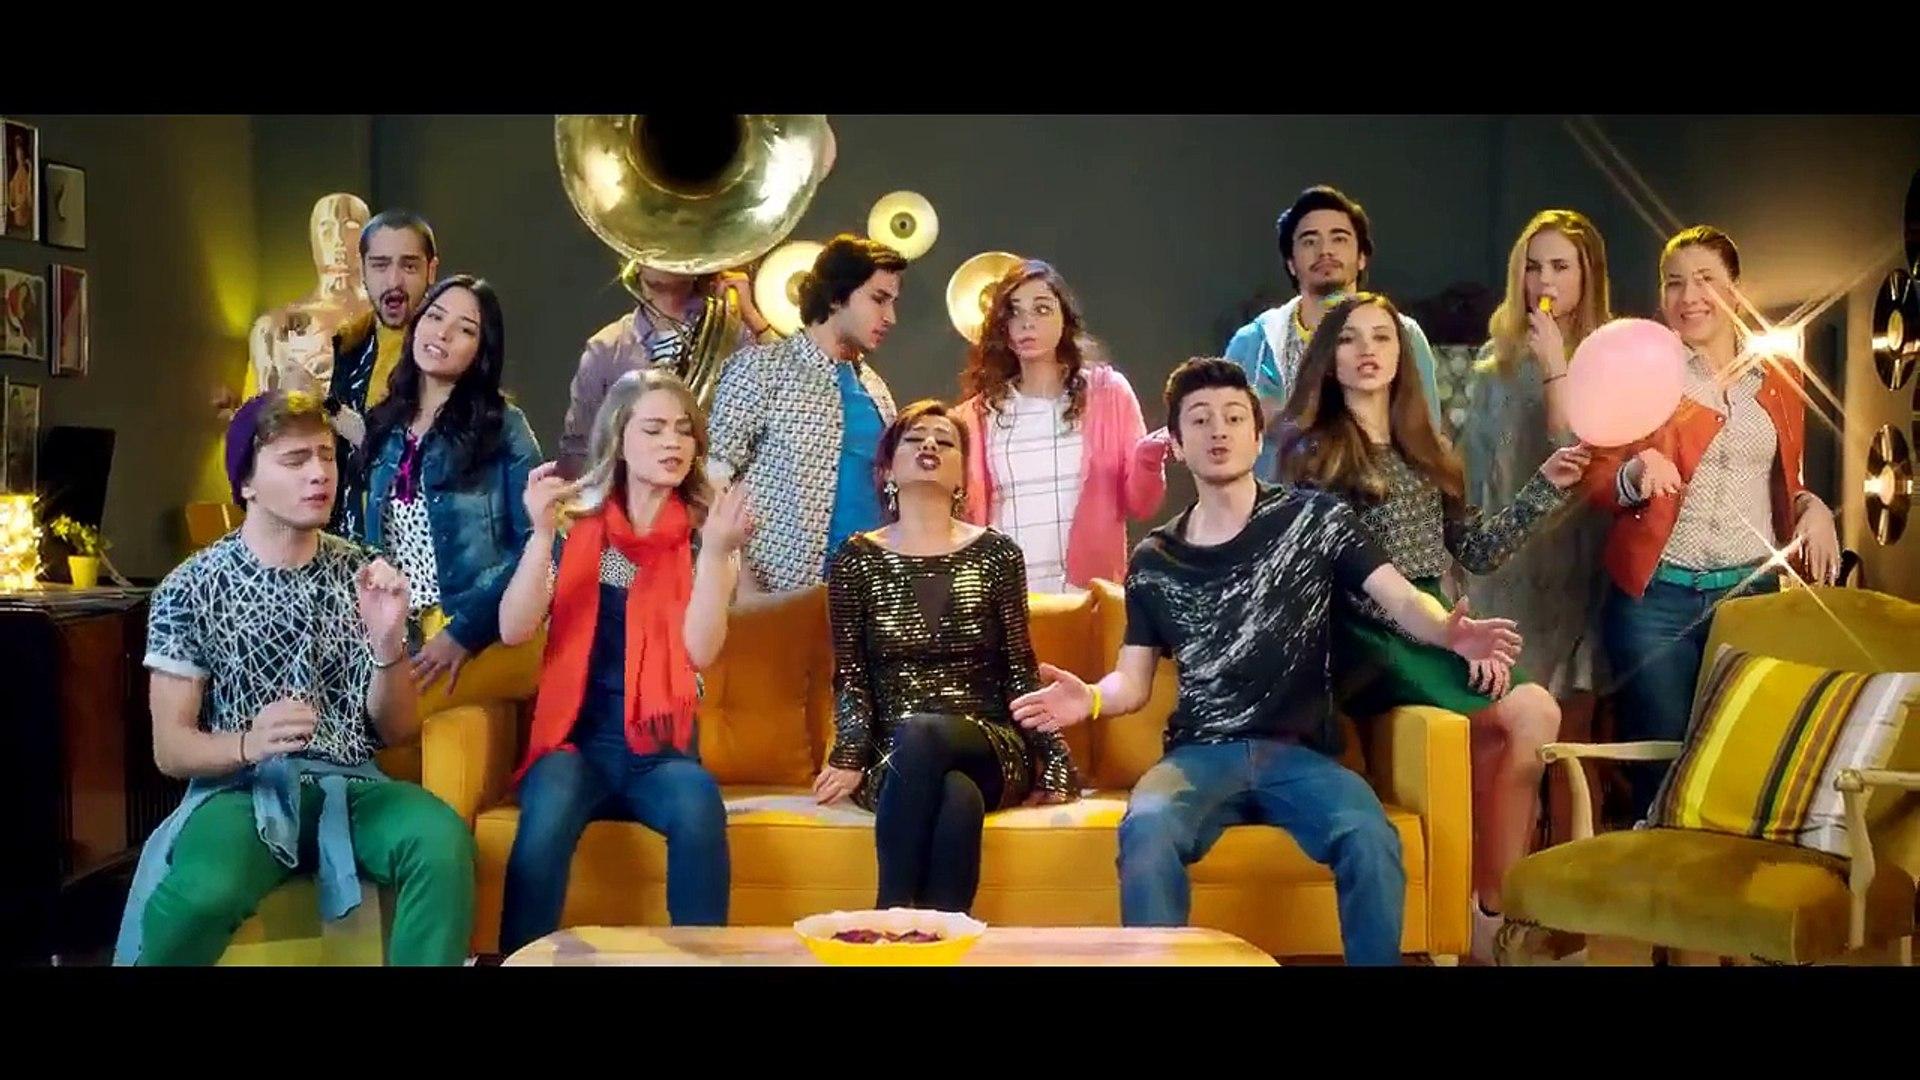 Yıldız Tilbe - 14 Şubat Turkcell Sevgililer Günü Reklamı